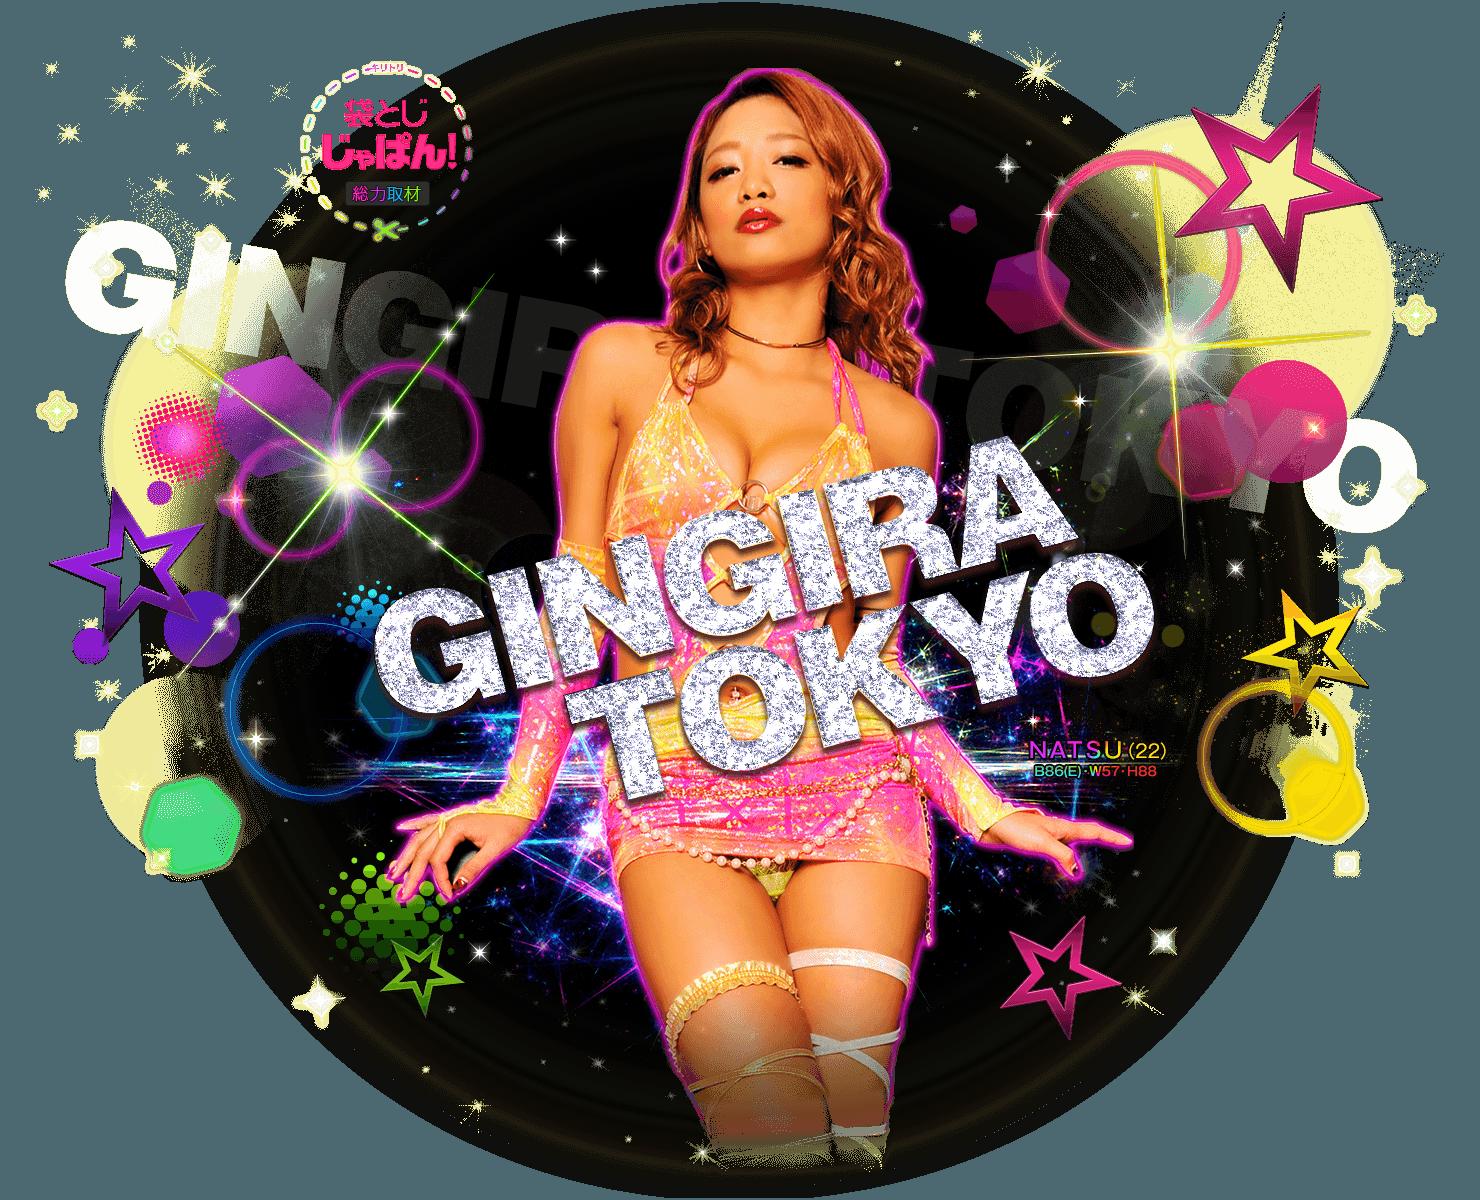 袋とじじゃぱん!総力取材 GINGIRA TOKYO NATSU(22) B86(E) W57 H88